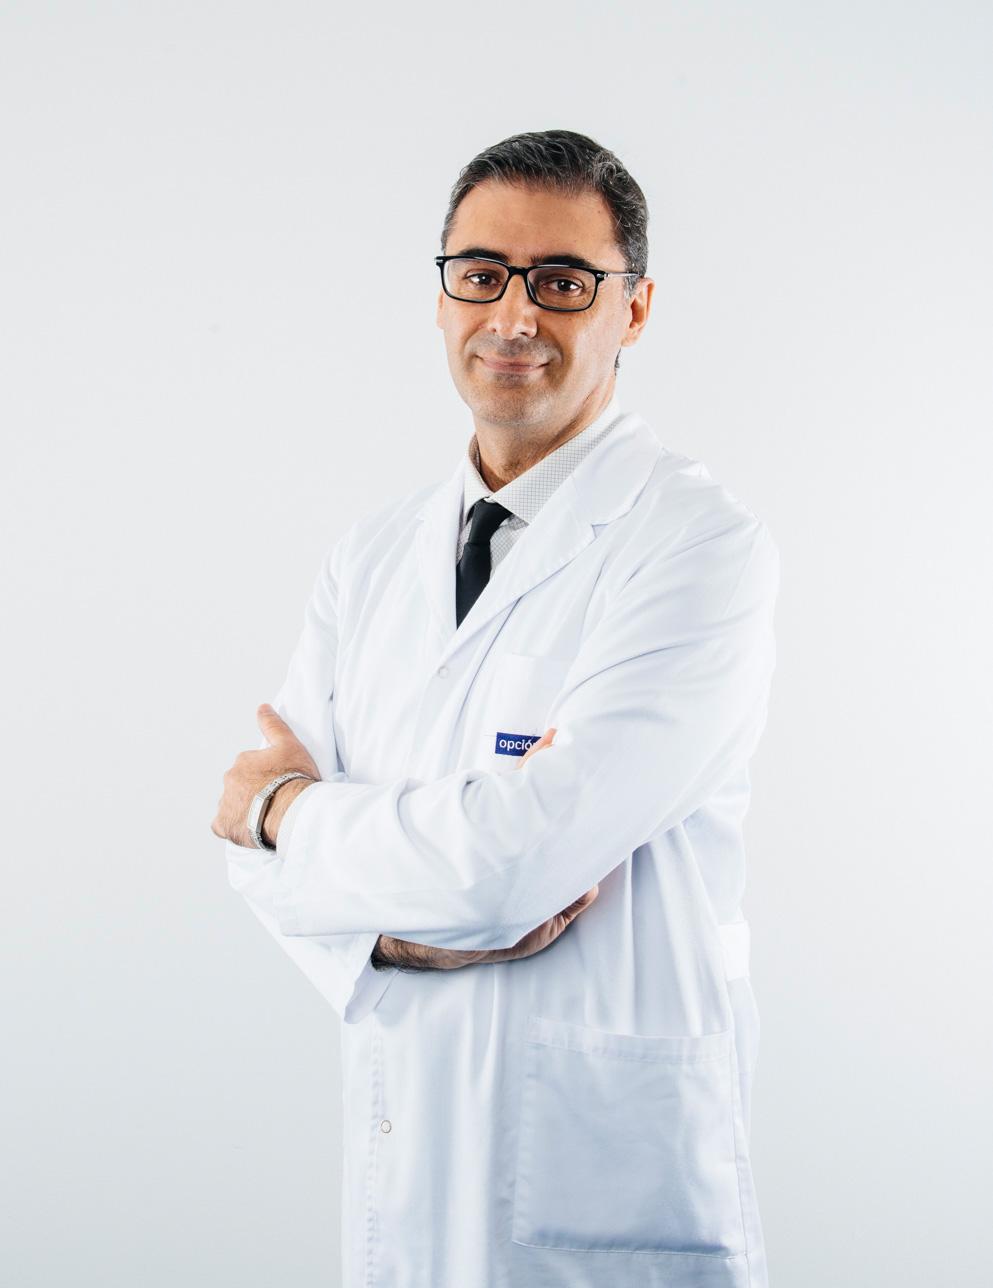 Dr. Ricard Sorio